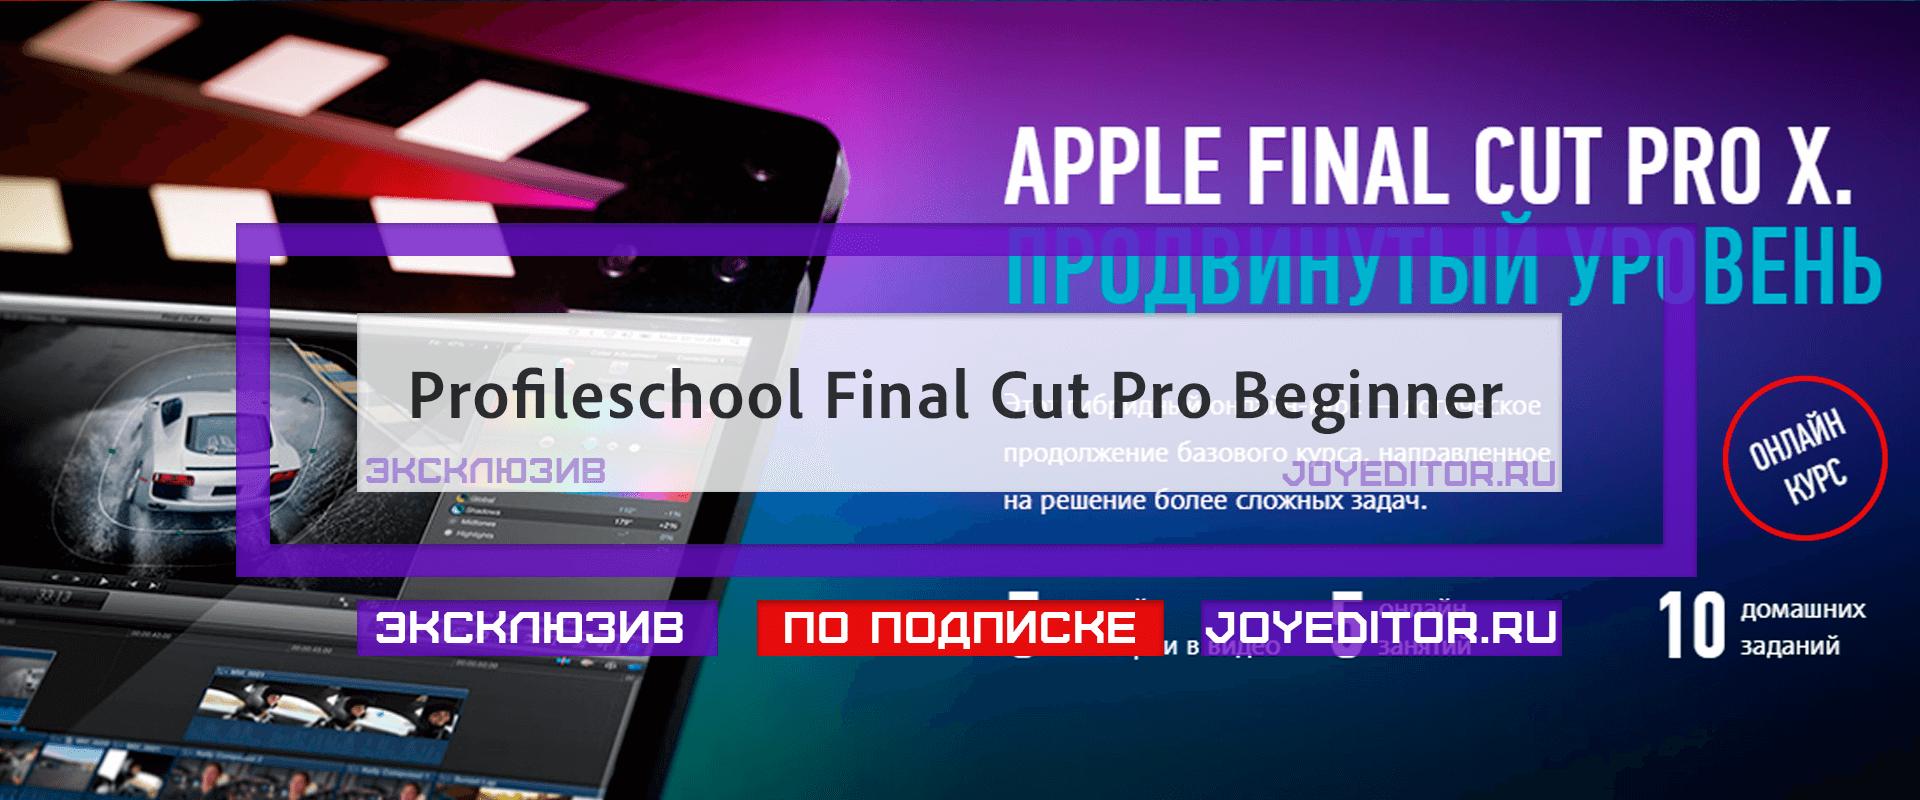 Profileschool Final Cut Pro Beginner